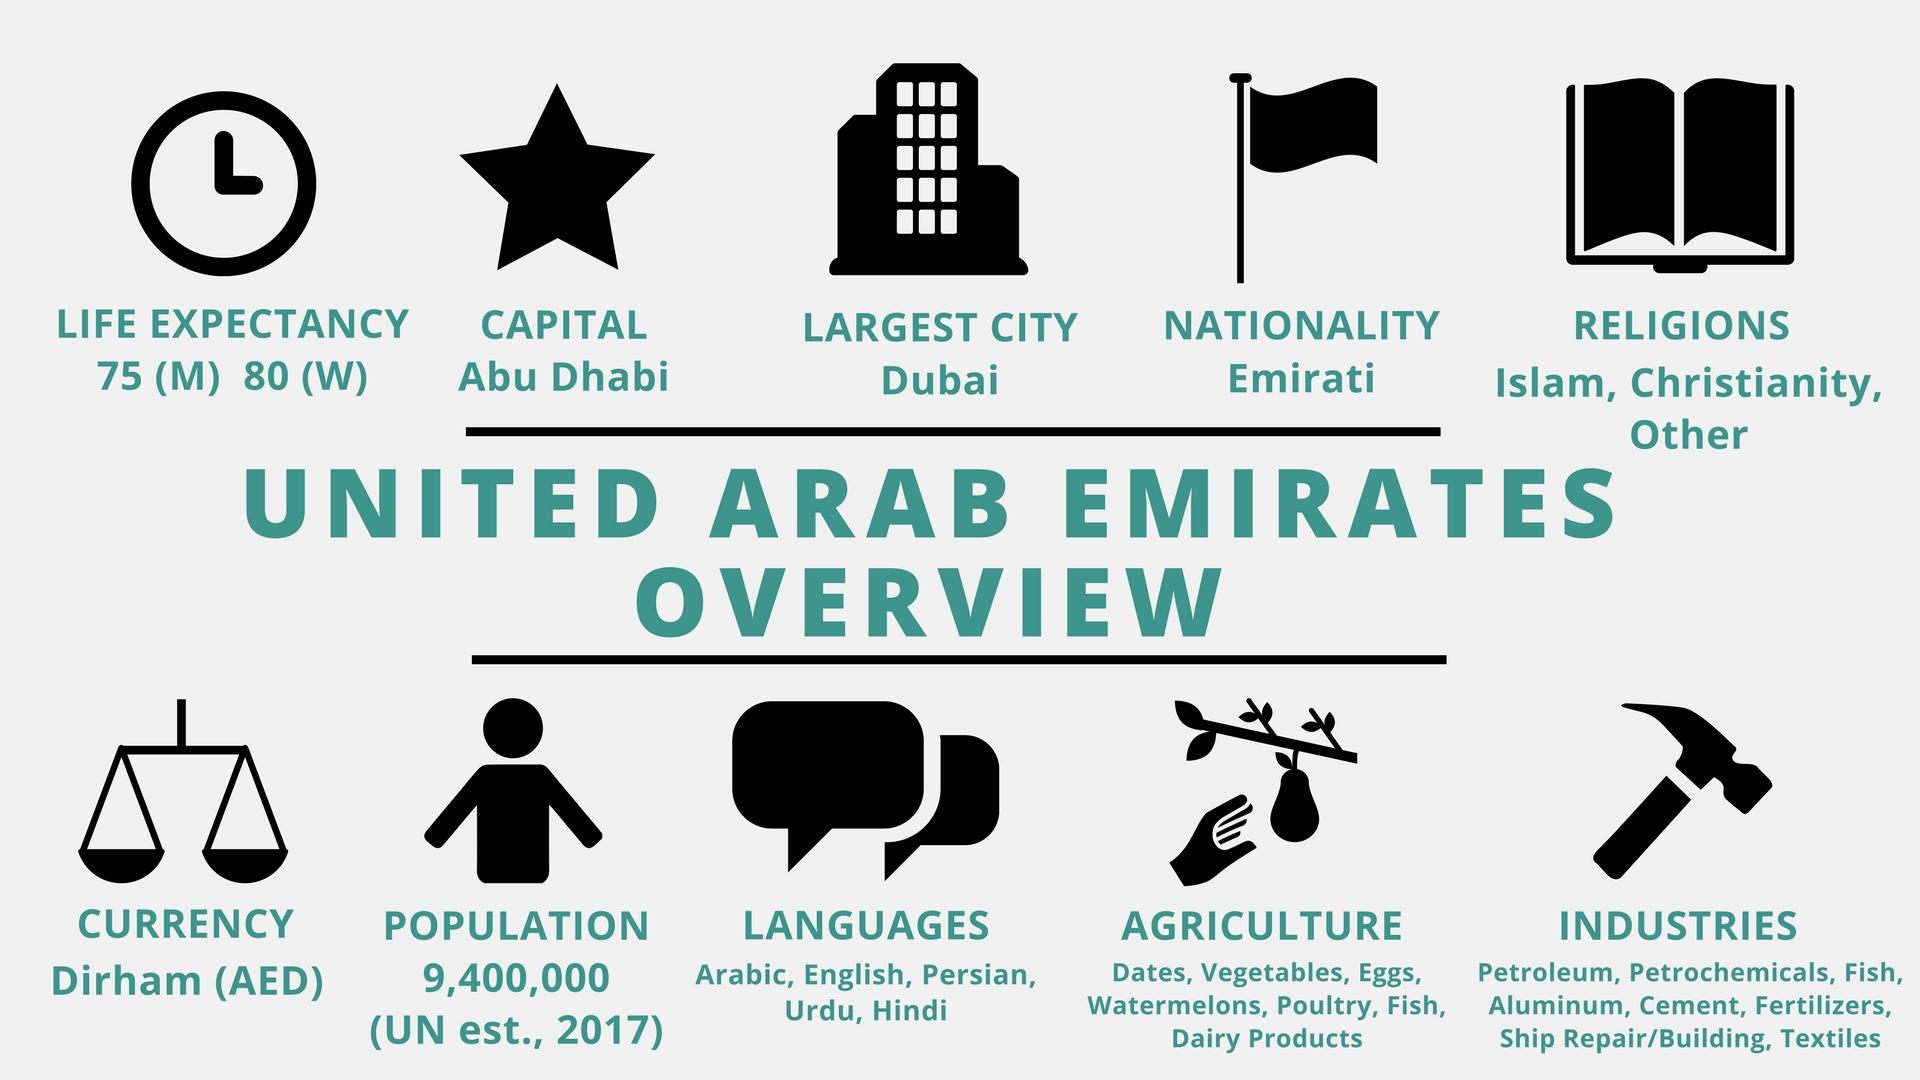 hight resolution of United Arab Emirates - TeachMideast